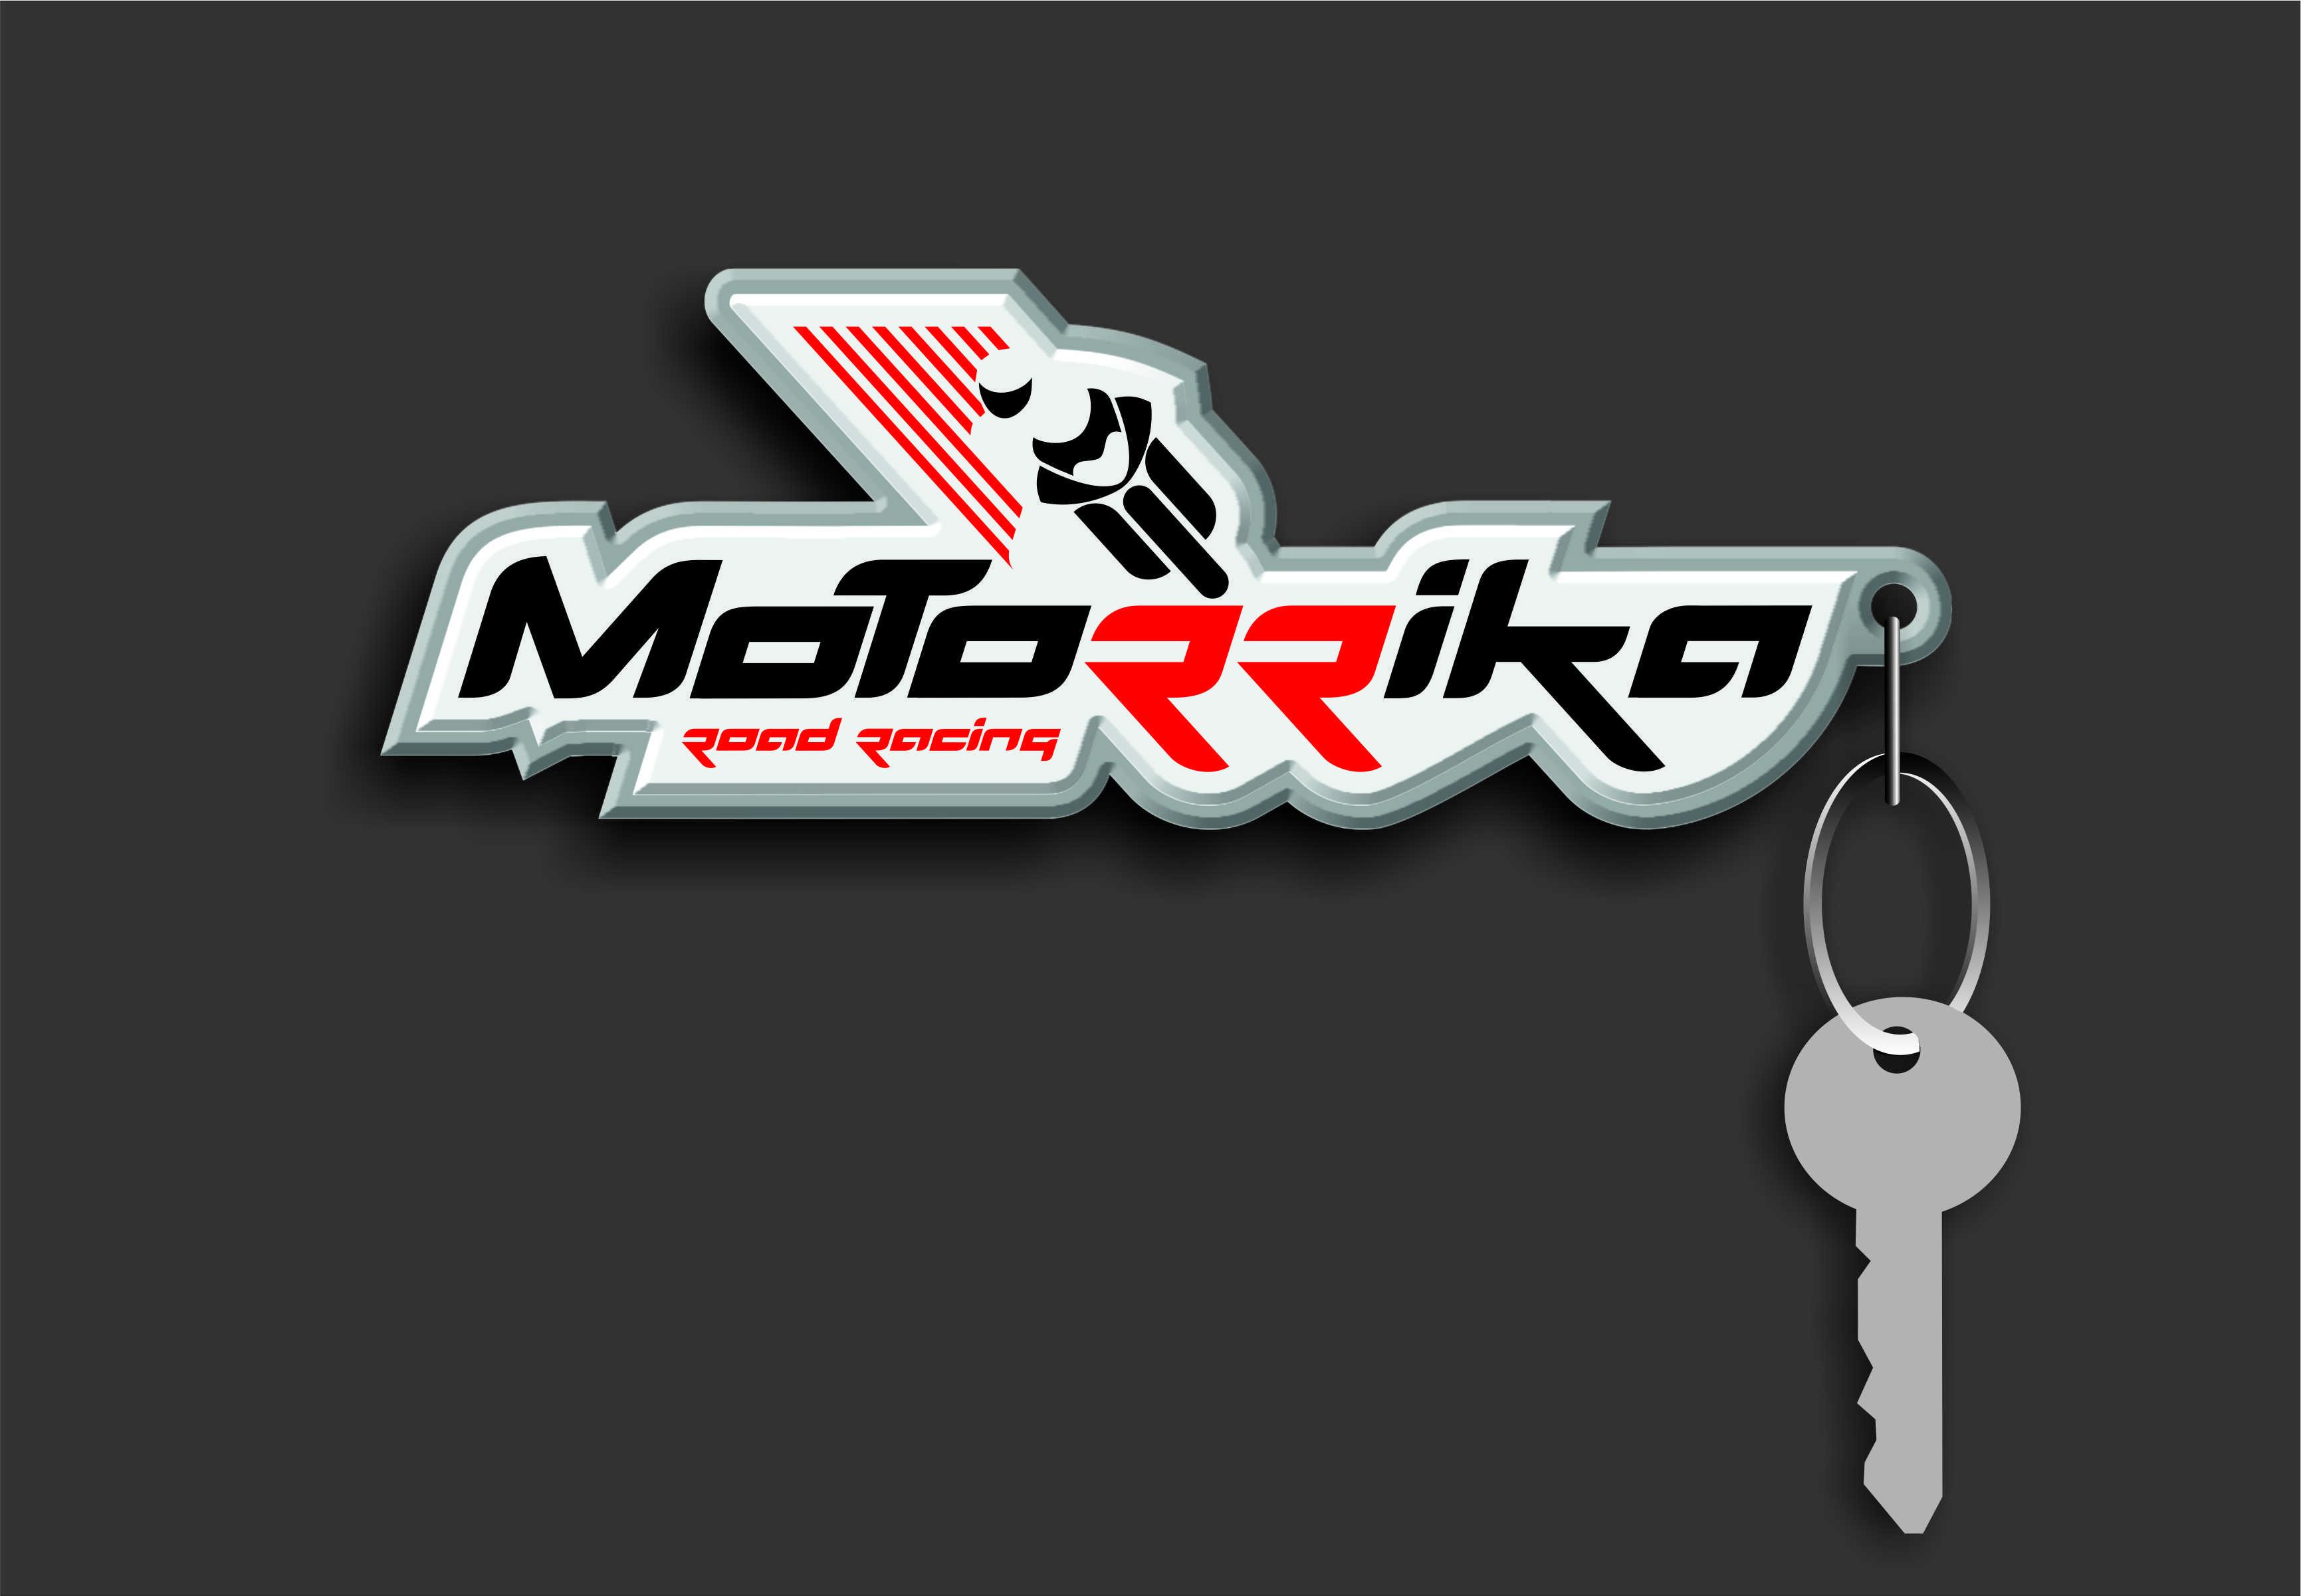 Мотогонки. Логотип, фирменный стиль. фото f_4dd52f0e8eaba.jpg